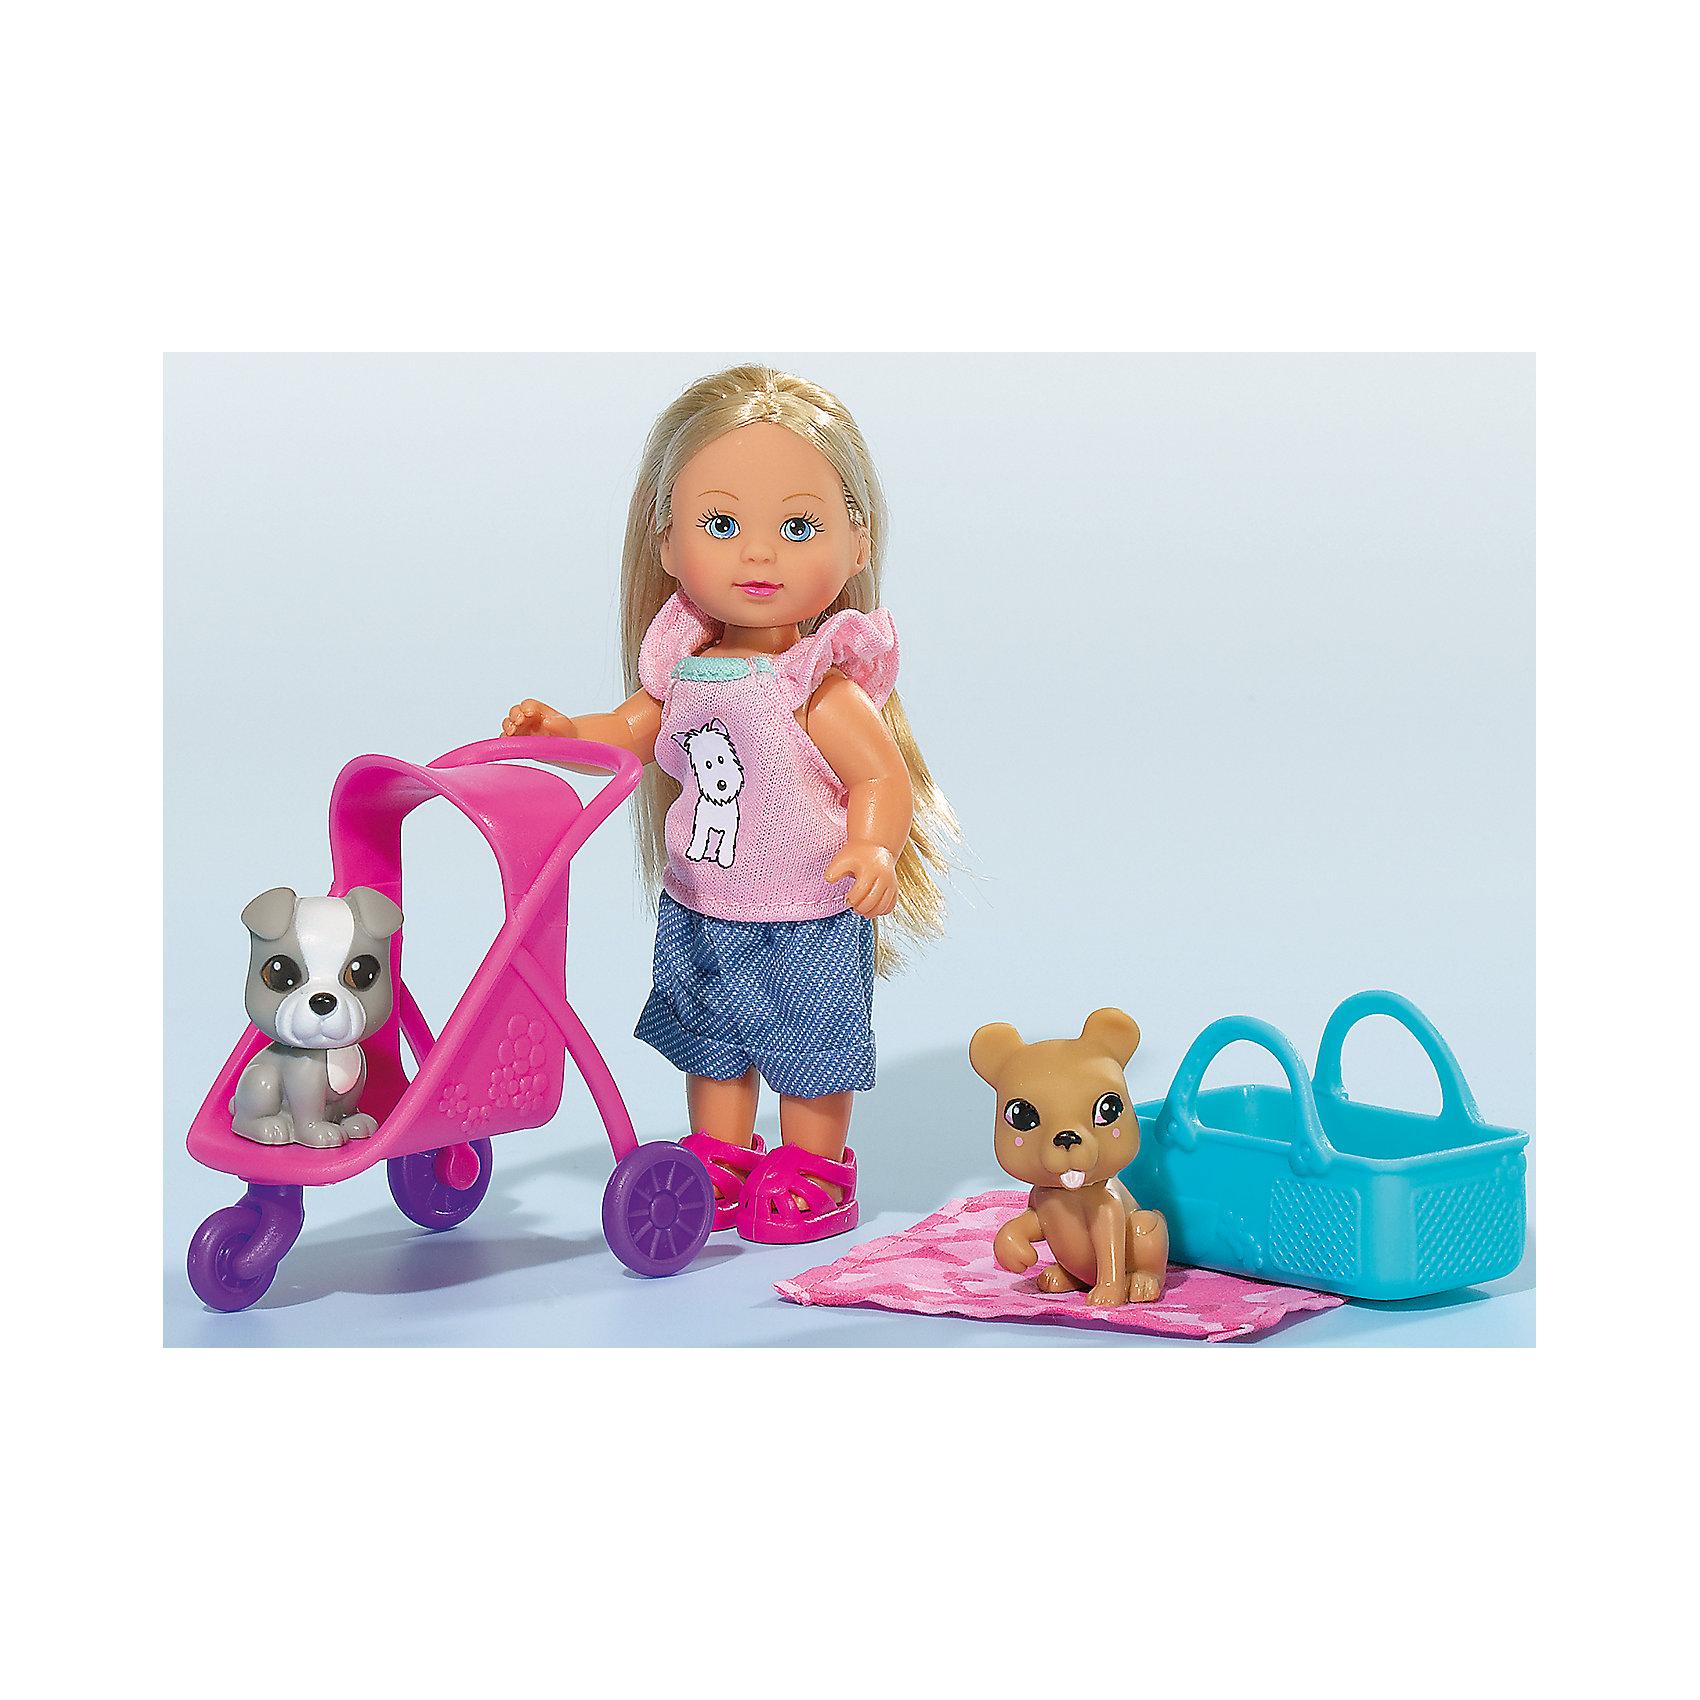 Кукла Еви с двумя собачками и коляской, 12 см, SimbaSteffi и Evi Love<br>Характеристики товара:<br><br>- цвет: разноцветный;<br>- материал: пластик;<br>- возраст: от трех лет;<br>- комплектация: кукла, одежда, 2 фигурки животных, аксессуары;<br>- высота куклы: 12 см.<br><br>Эта симпатичная кукла Еви от известного бренда приводит детей в восторг! Какая девочка сможет отказаться поиграть с куклами, которые дополнены набором в виде животных?! В набор также входят аксессуары и для игр с куклой. Игрушка очень качественно выполнена, поэтому она станет замечательным подарком ребенку. <br>Продается набор в красивой удобной упаковке. Изделие произведено из высококачественного материала, безопасного для детей.<br><br>Куклу Еви с двумя собачками и коляской от бренда Simba можно купить в нашем интернет-магазине.<br><br>Ширина мм: 60<br>Глубина мм: 160<br>Высота мм: 120<br>Вес г: 130<br>Возраст от месяцев: 36<br>Возраст до месяцев: 120<br>Пол: Женский<br>Возраст: Детский<br>SKU: 5119522